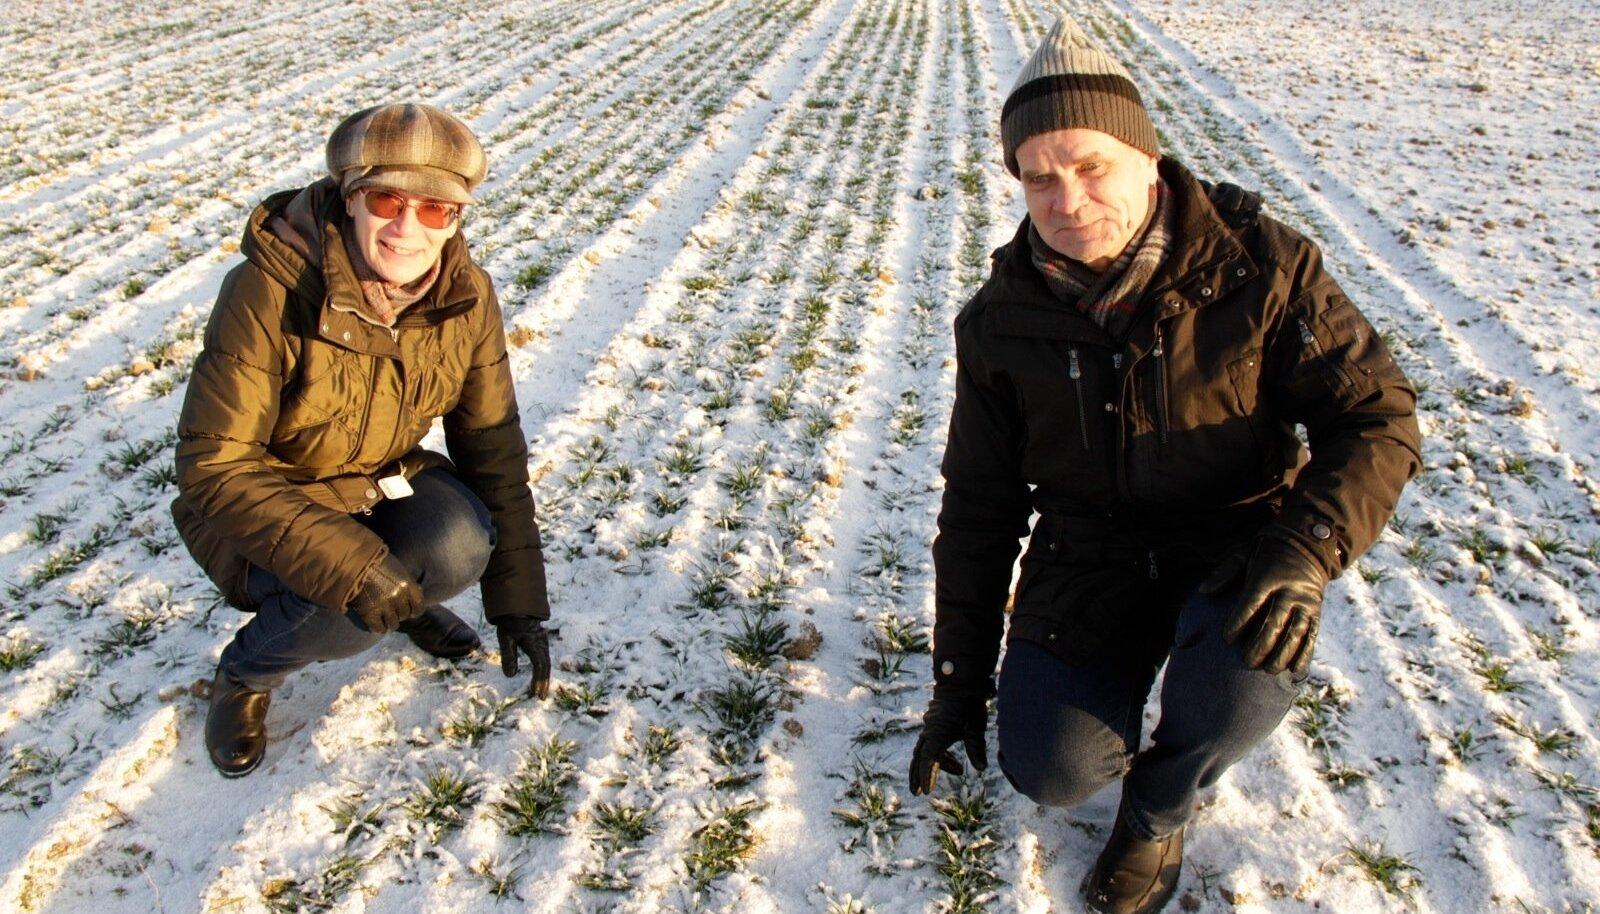 ETKI vanemteadur Ülle Tamm ja ETKI Jõgeva sordiaretuse osakonna juhataja Ilmar Tamm kontrollivad talikaerapõldu.